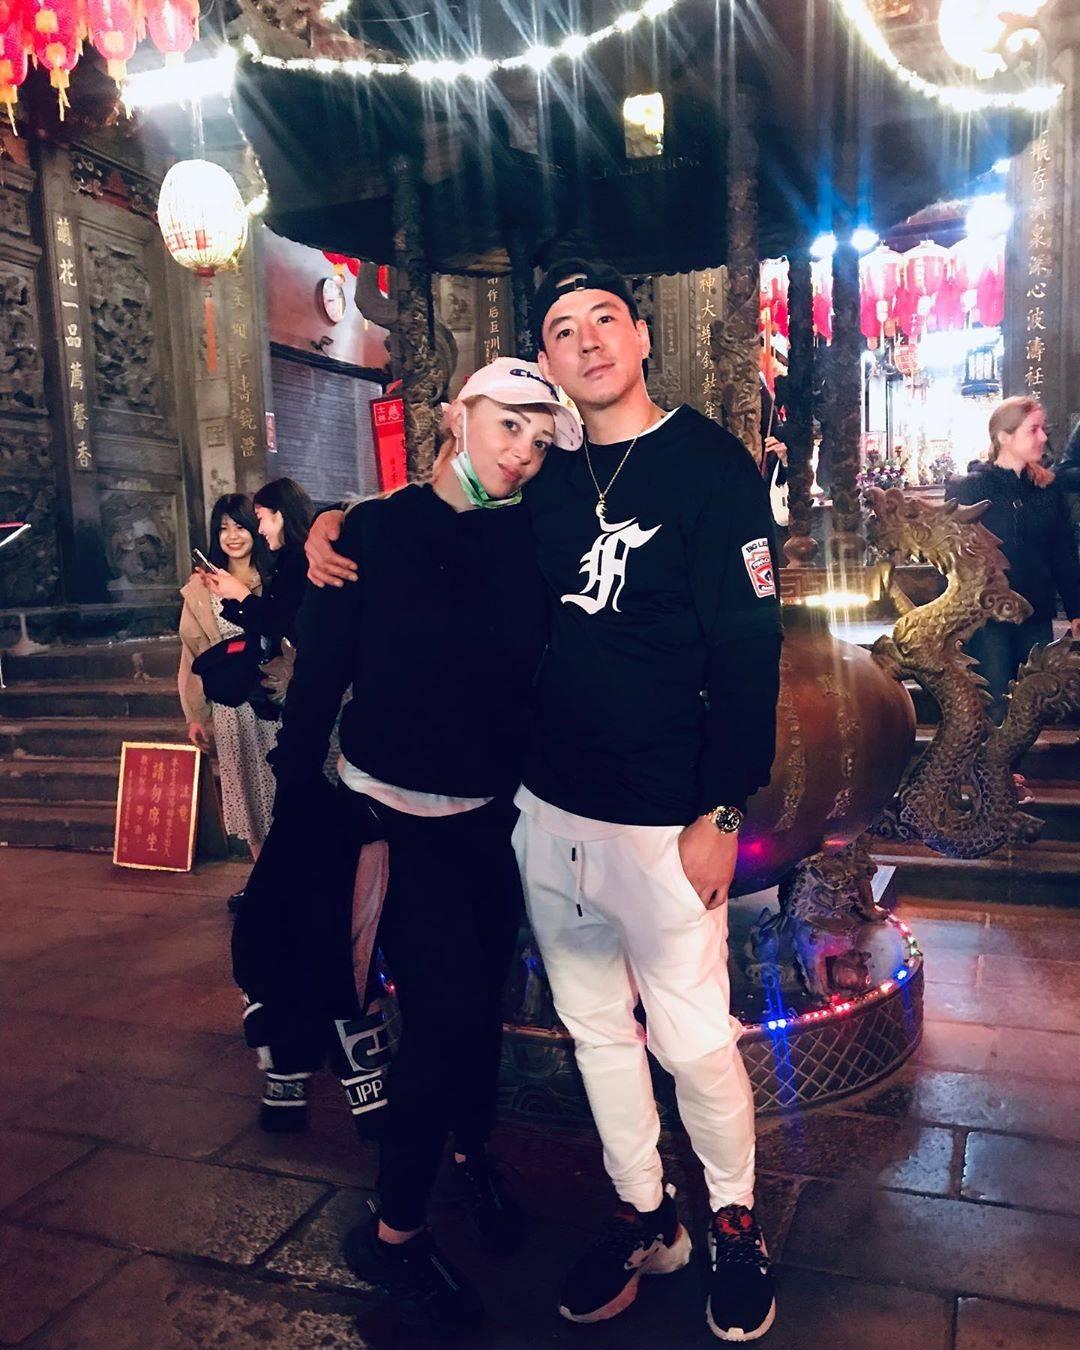 ฮาเวิร์ดและภรรยา ขอบคุณภาพจากไอจี @howardwang8885